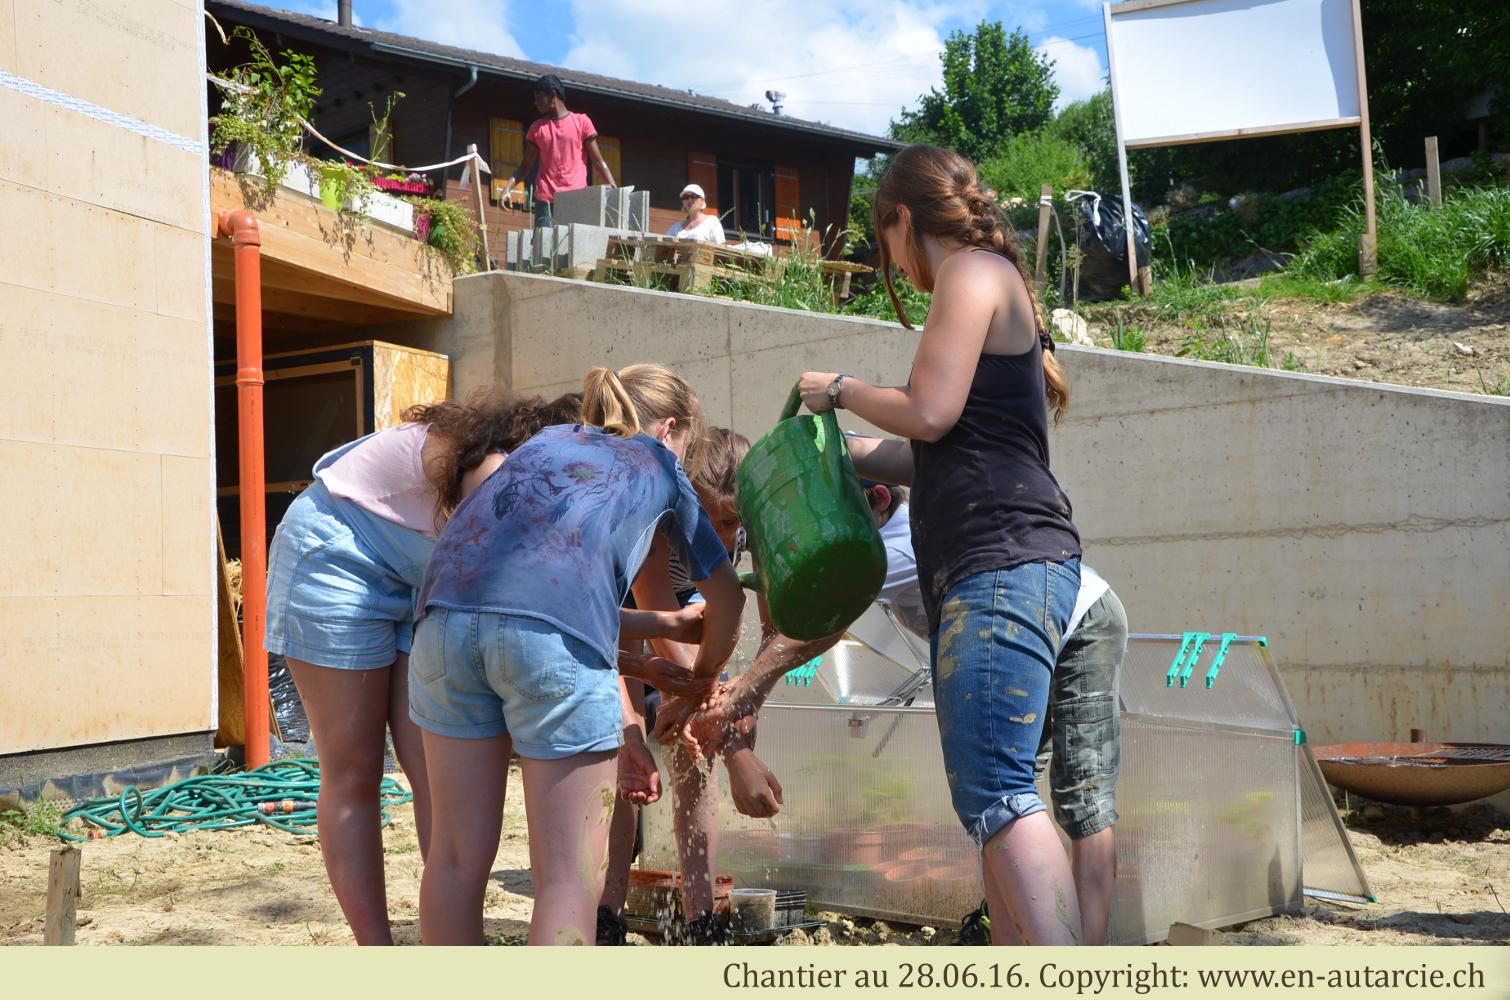 28.06.16 Les joies de l'été sur un chantier terre-paille.